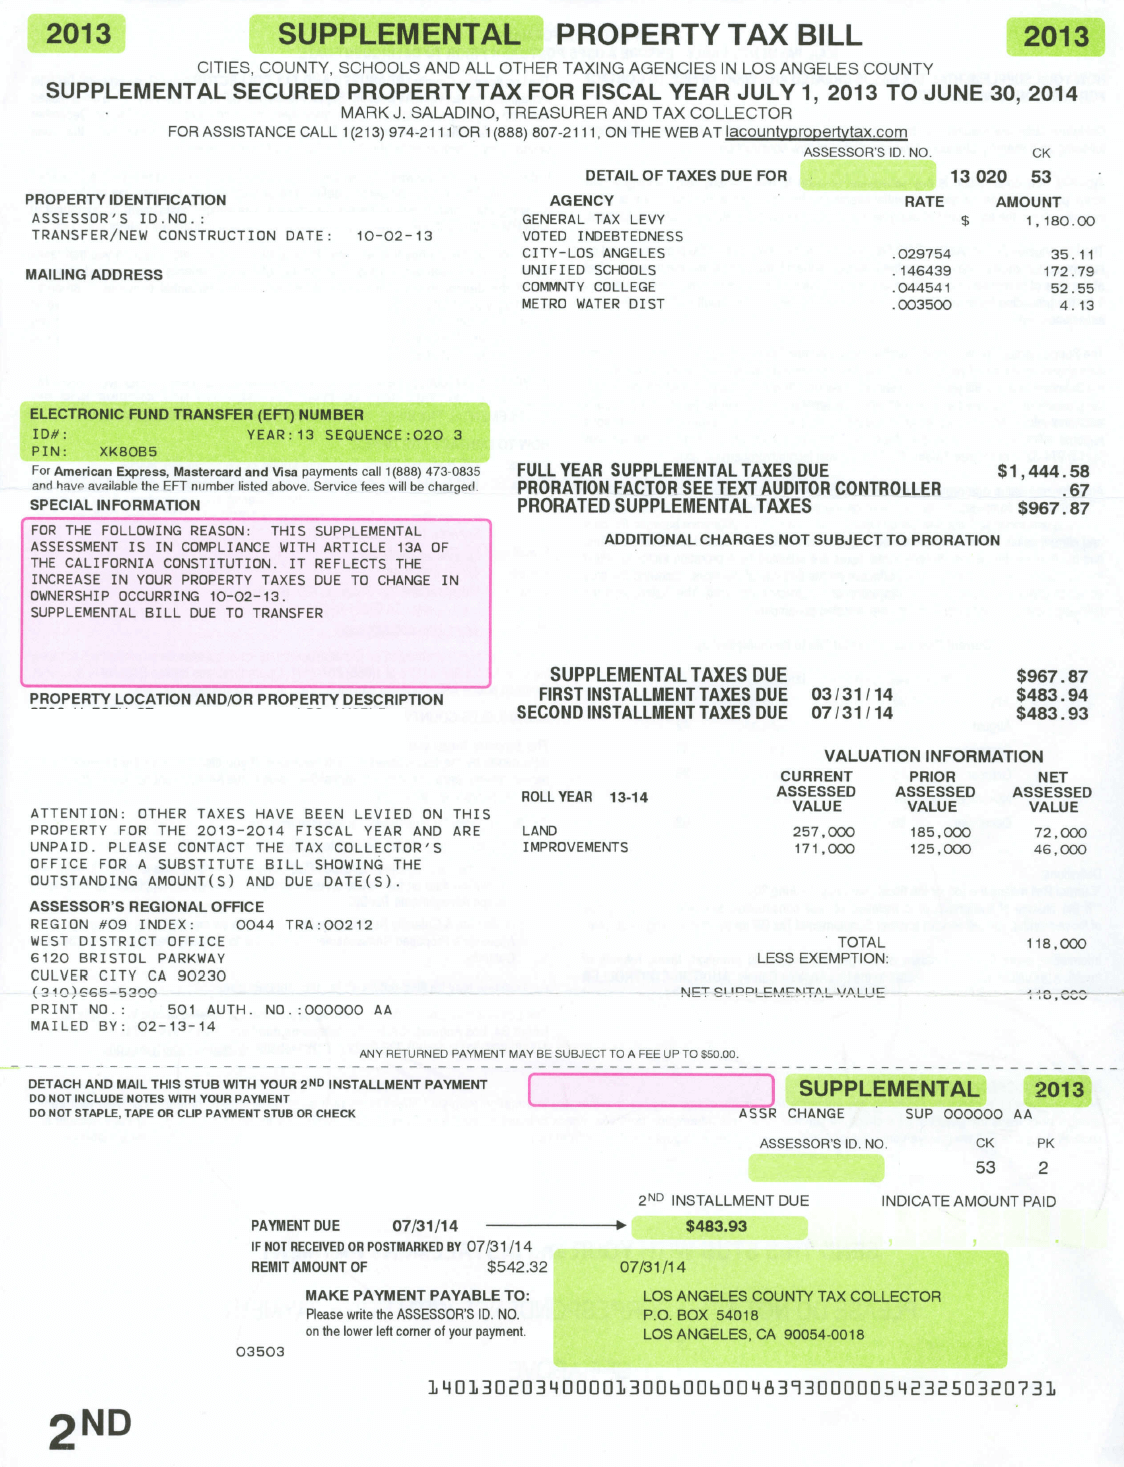 Sample-supplemental-tax-bill